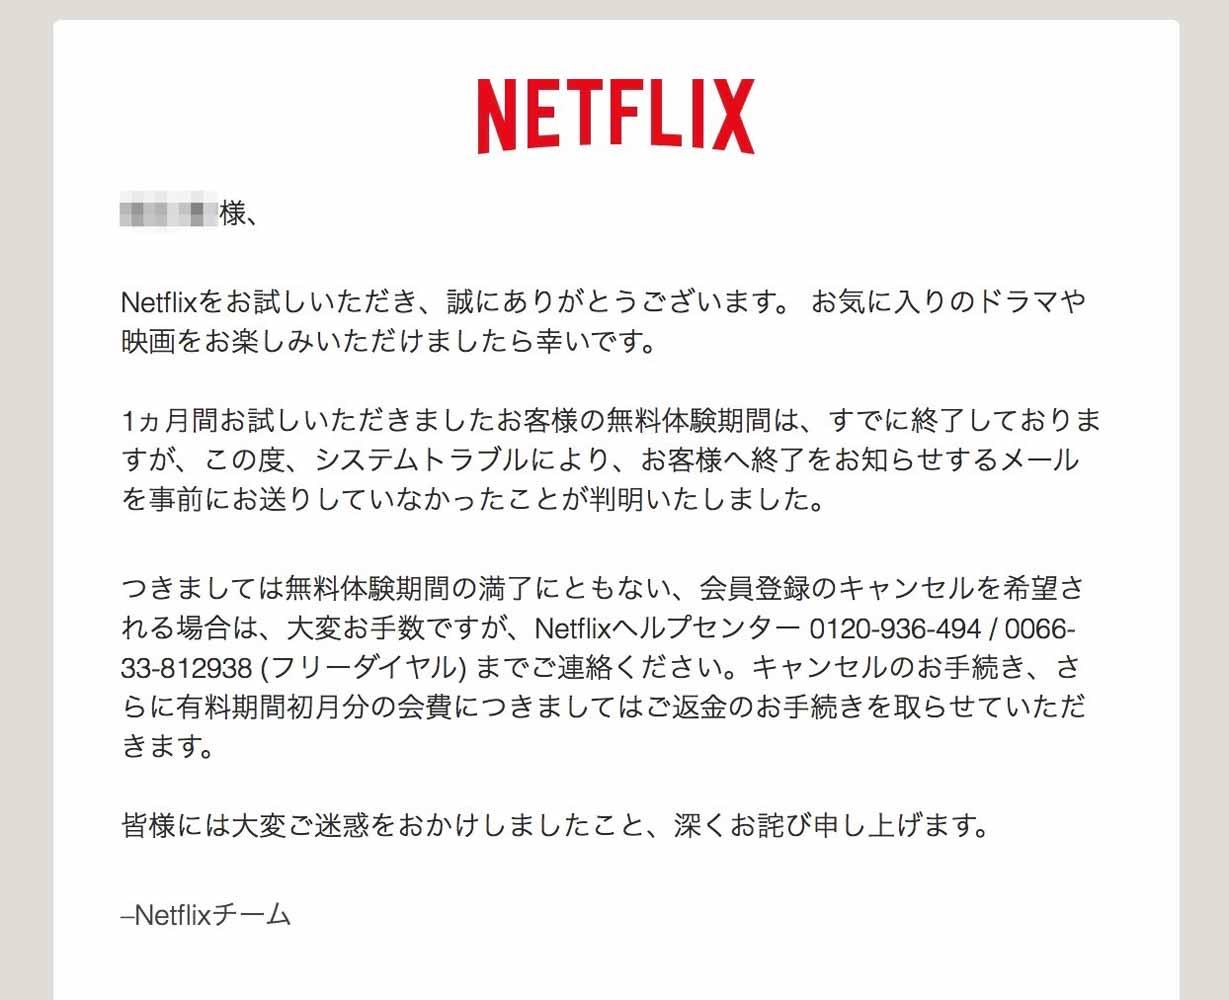 Netflix、無料体験期間終了を知らせるメールを事前に送信されず、希望者には返金対応へ